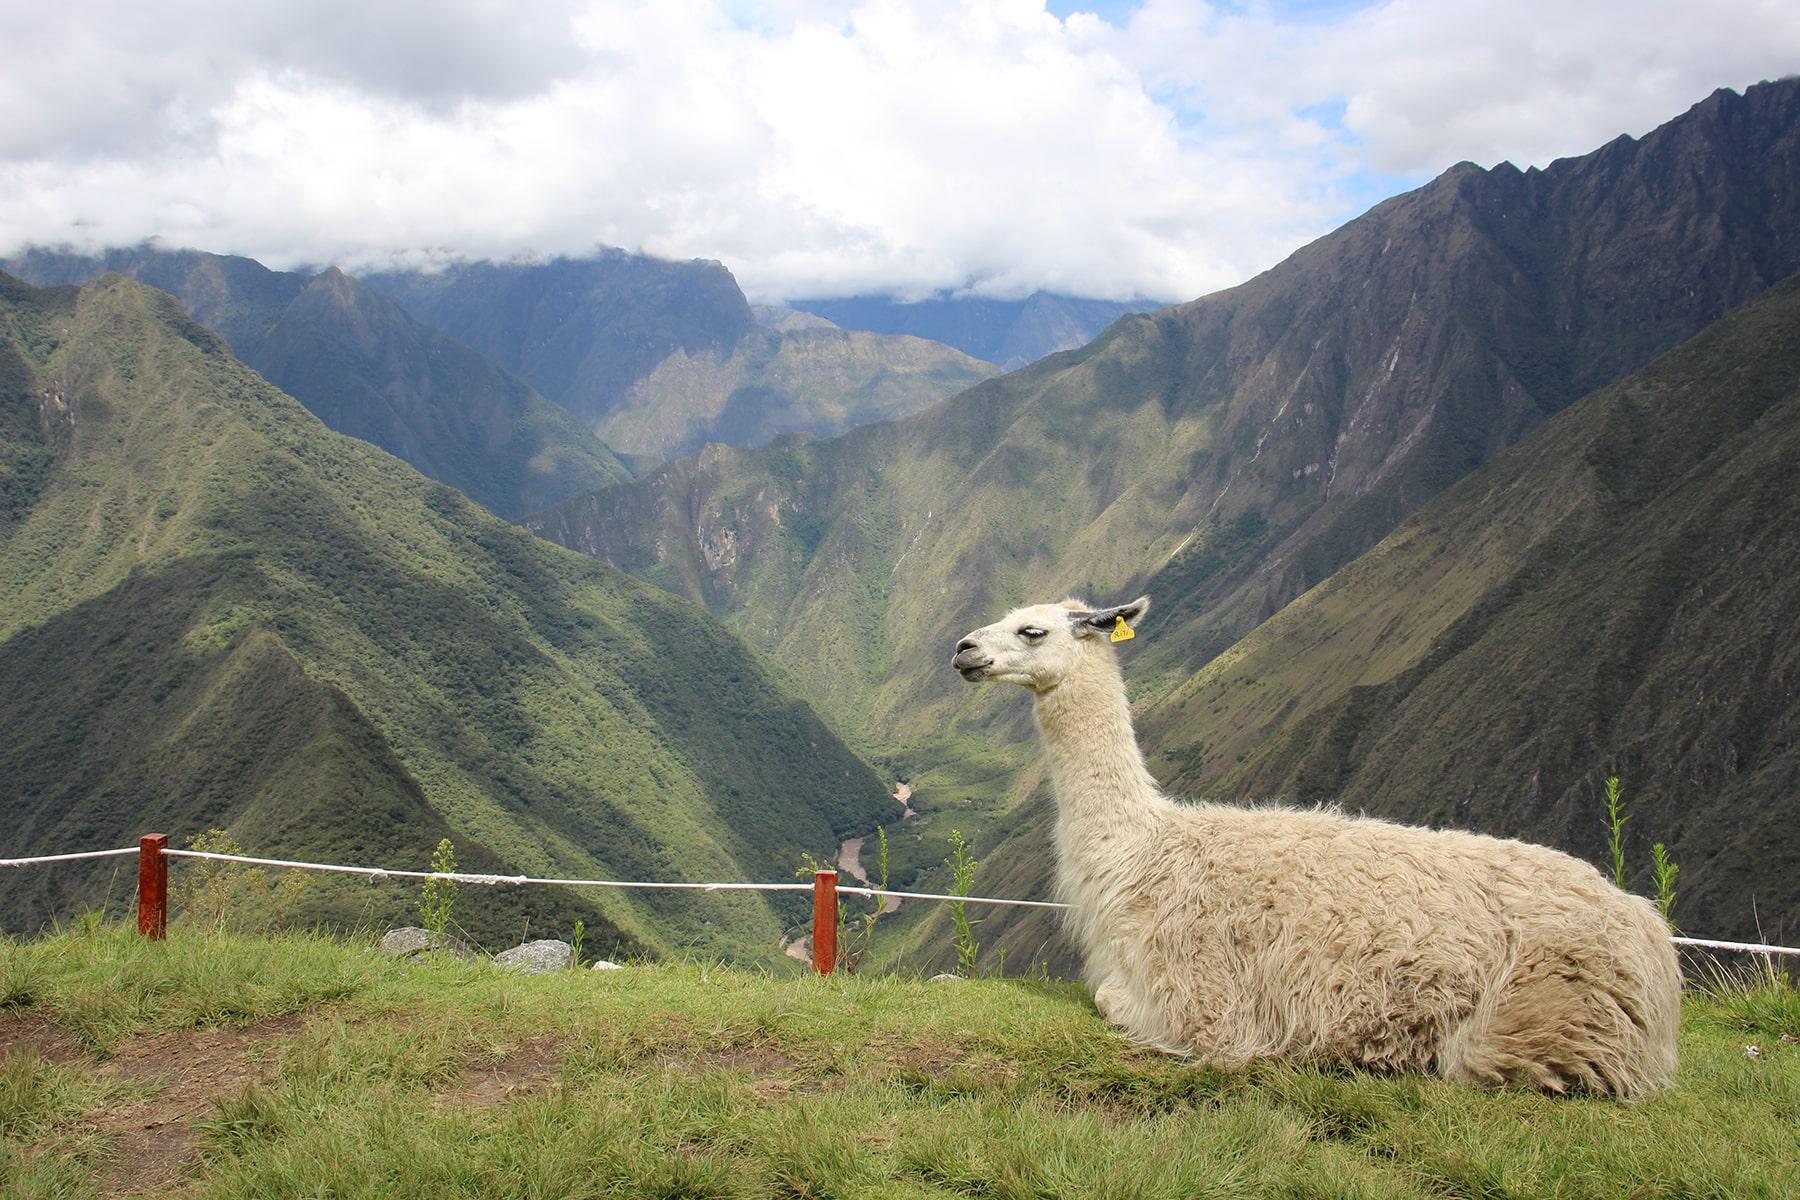 Un lama sul sito di Intipata, Inca Trail